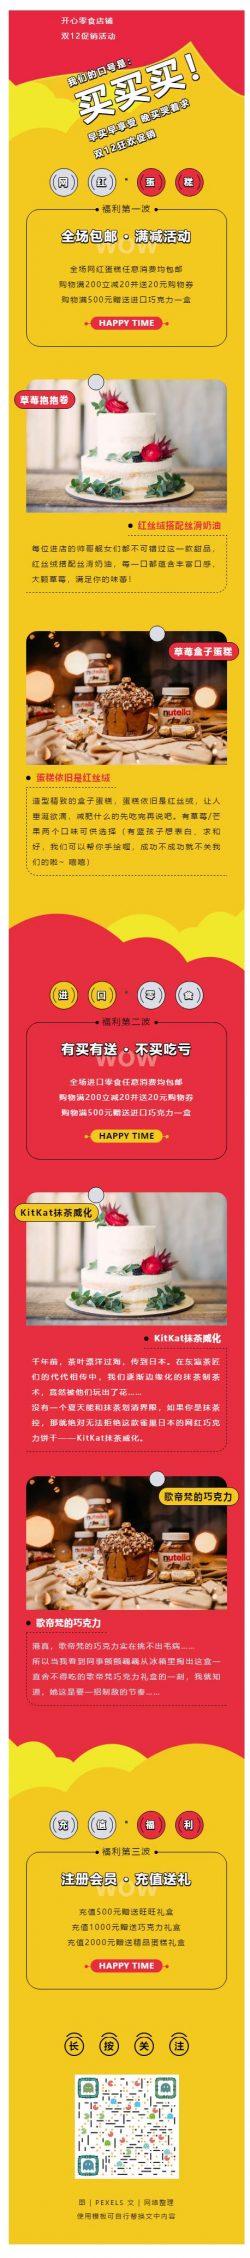 淘宝双12促销活动黄红色风格微信电商 微商素材模板推文推送素材